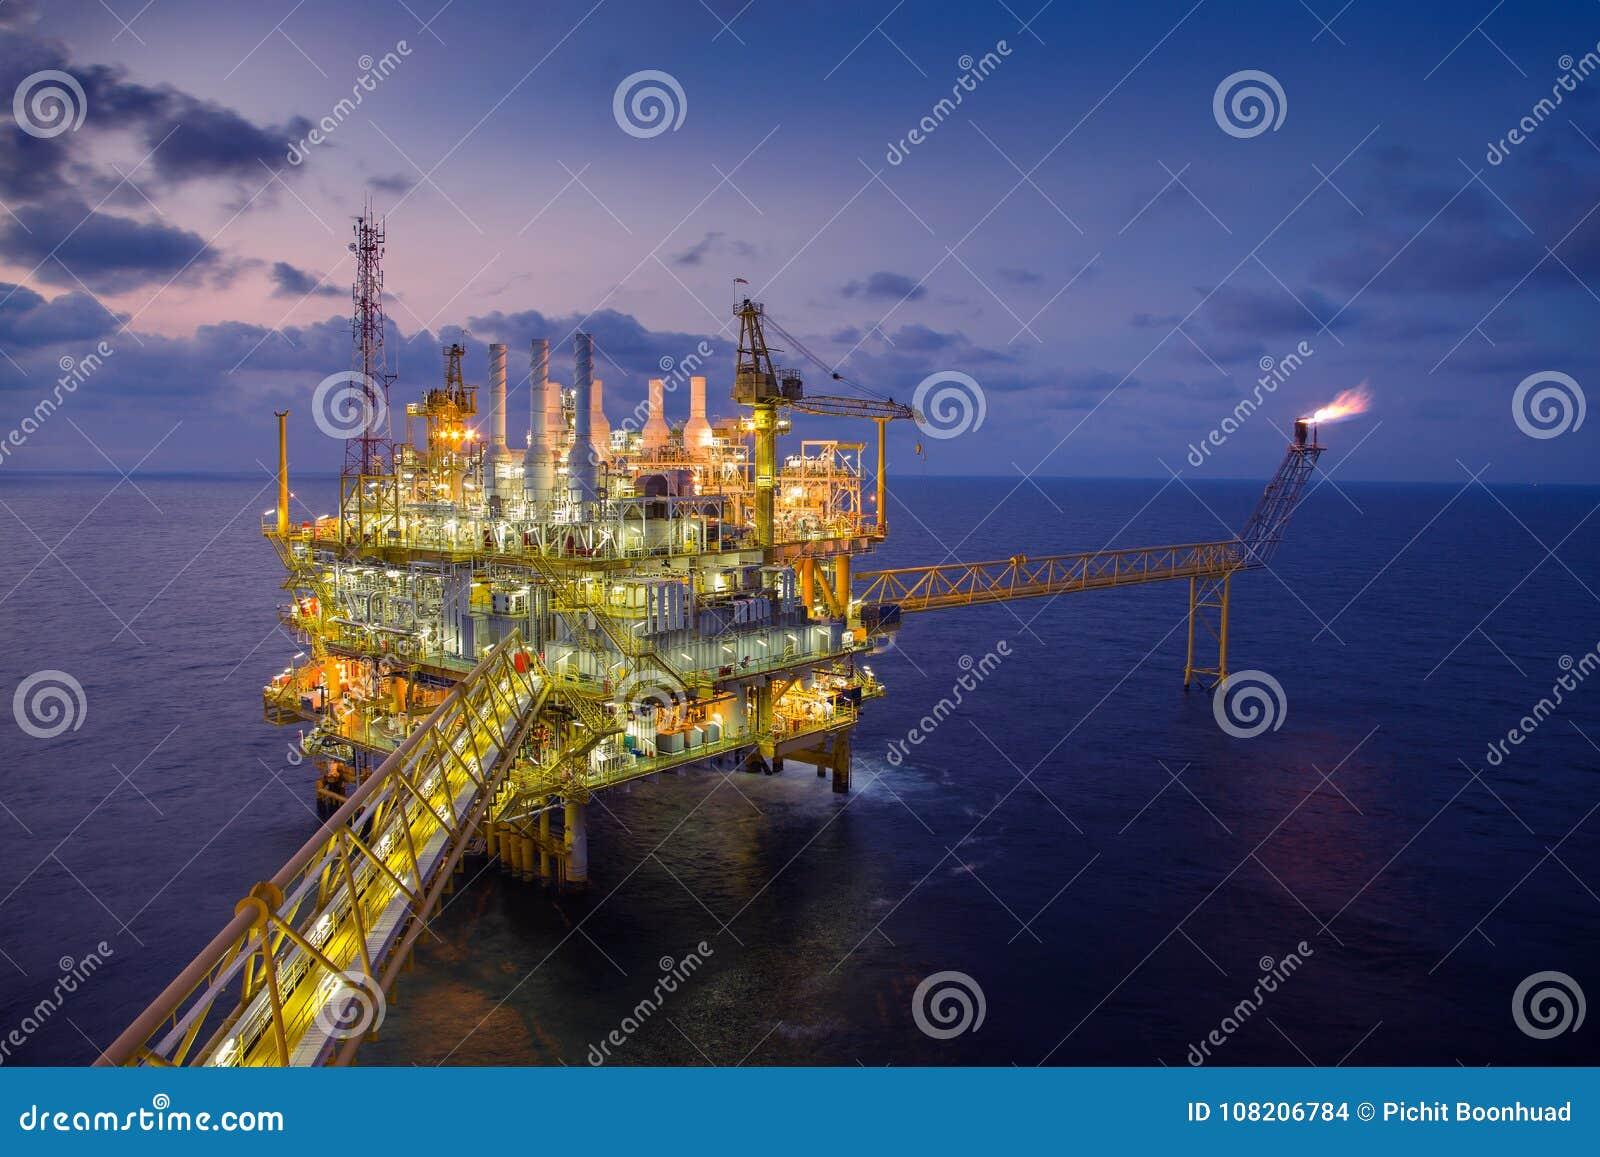 La plate-forme de traitement centrale de pétrole marin et de gaz a produit le gaz et le brut puis a envoyé à la raffinerie terres